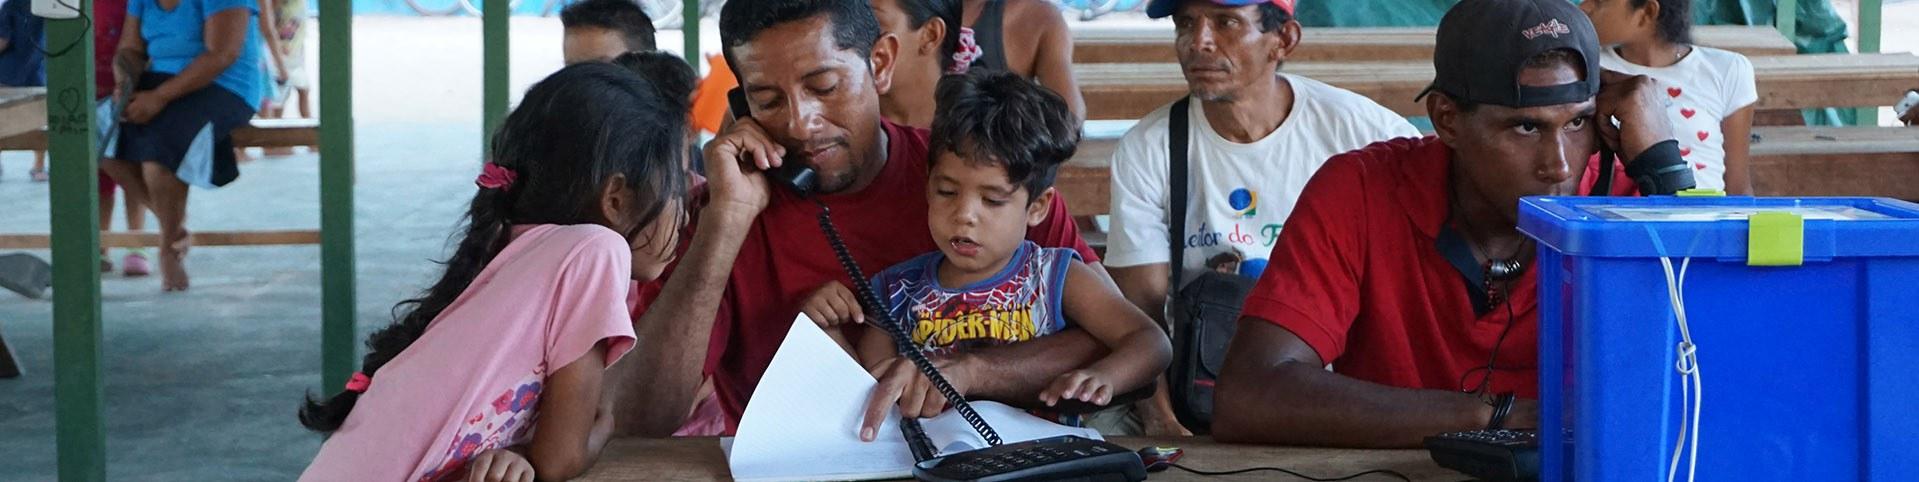 Venezuelan Migration Crisis — Télécoms Sans Frontières ...